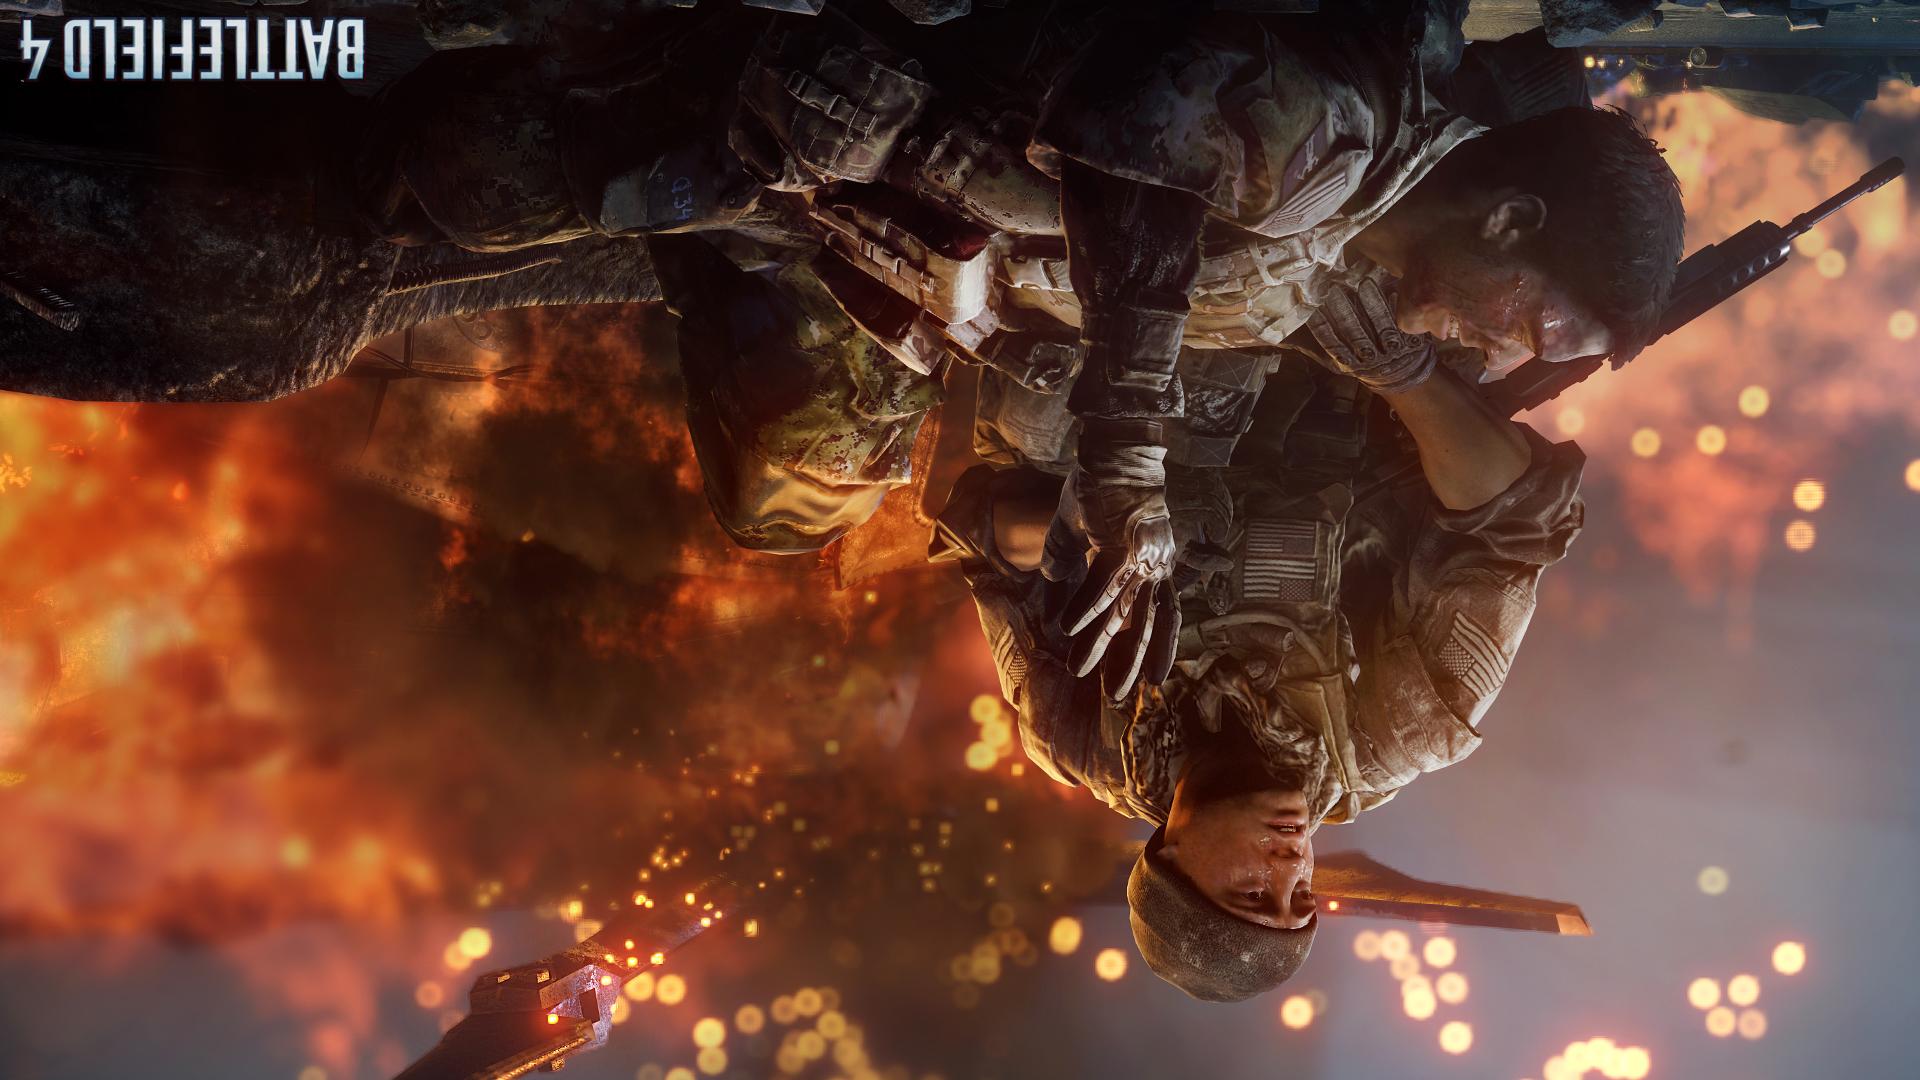 DICE conoce los problemas que están afectando a Battlefield 4, esperamos soluciones